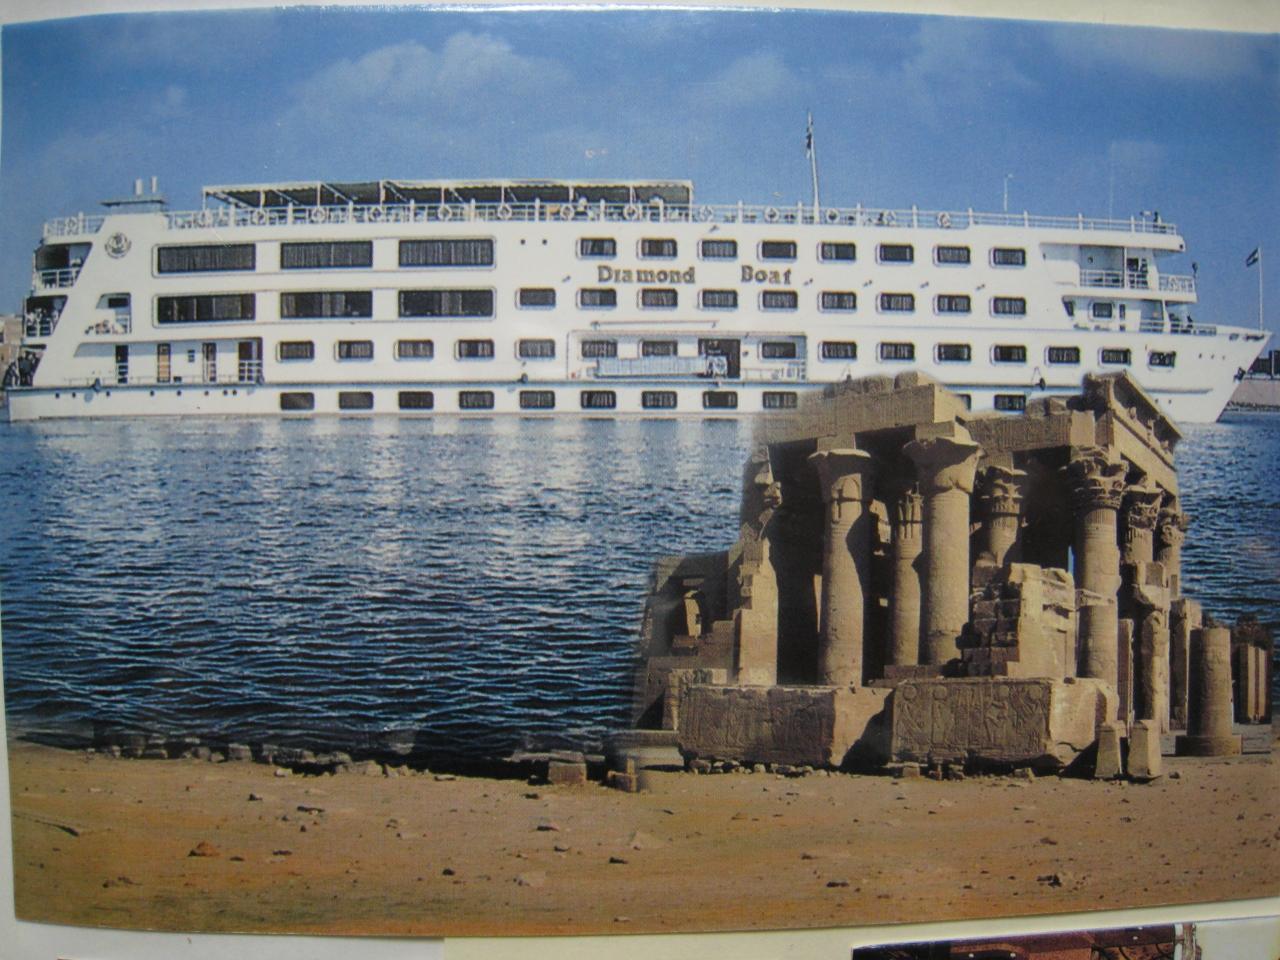 エジプト旅行の思い出と感想ー1  ナイル河クルーズ(1)・・・アガサ・クリスティの泊まったアスワンのクラシックなホテル